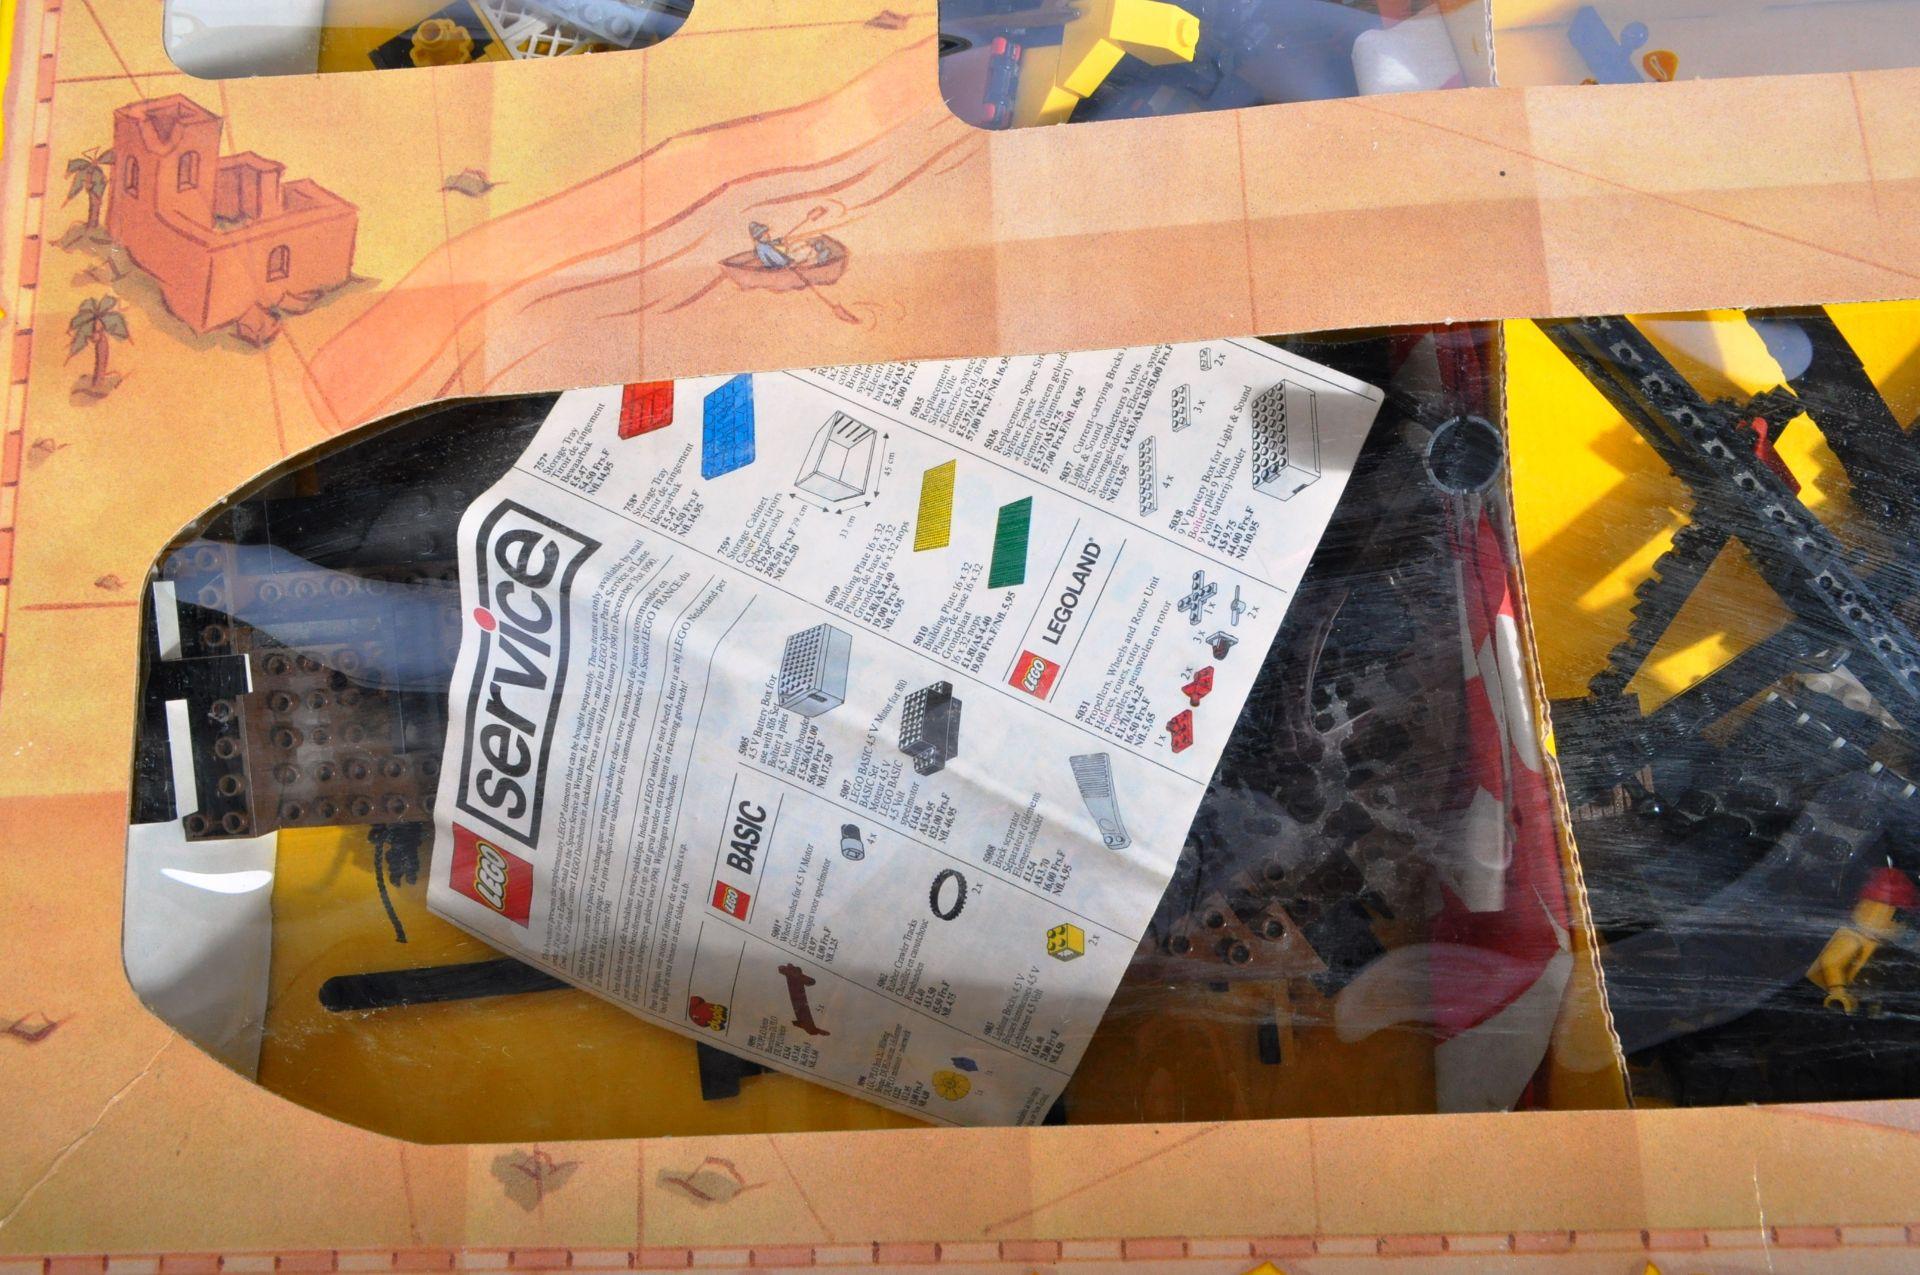 LEGO SET - LEGO LAND - 6285 - BLACK SEAS BARRACUDA - Image 6 of 8